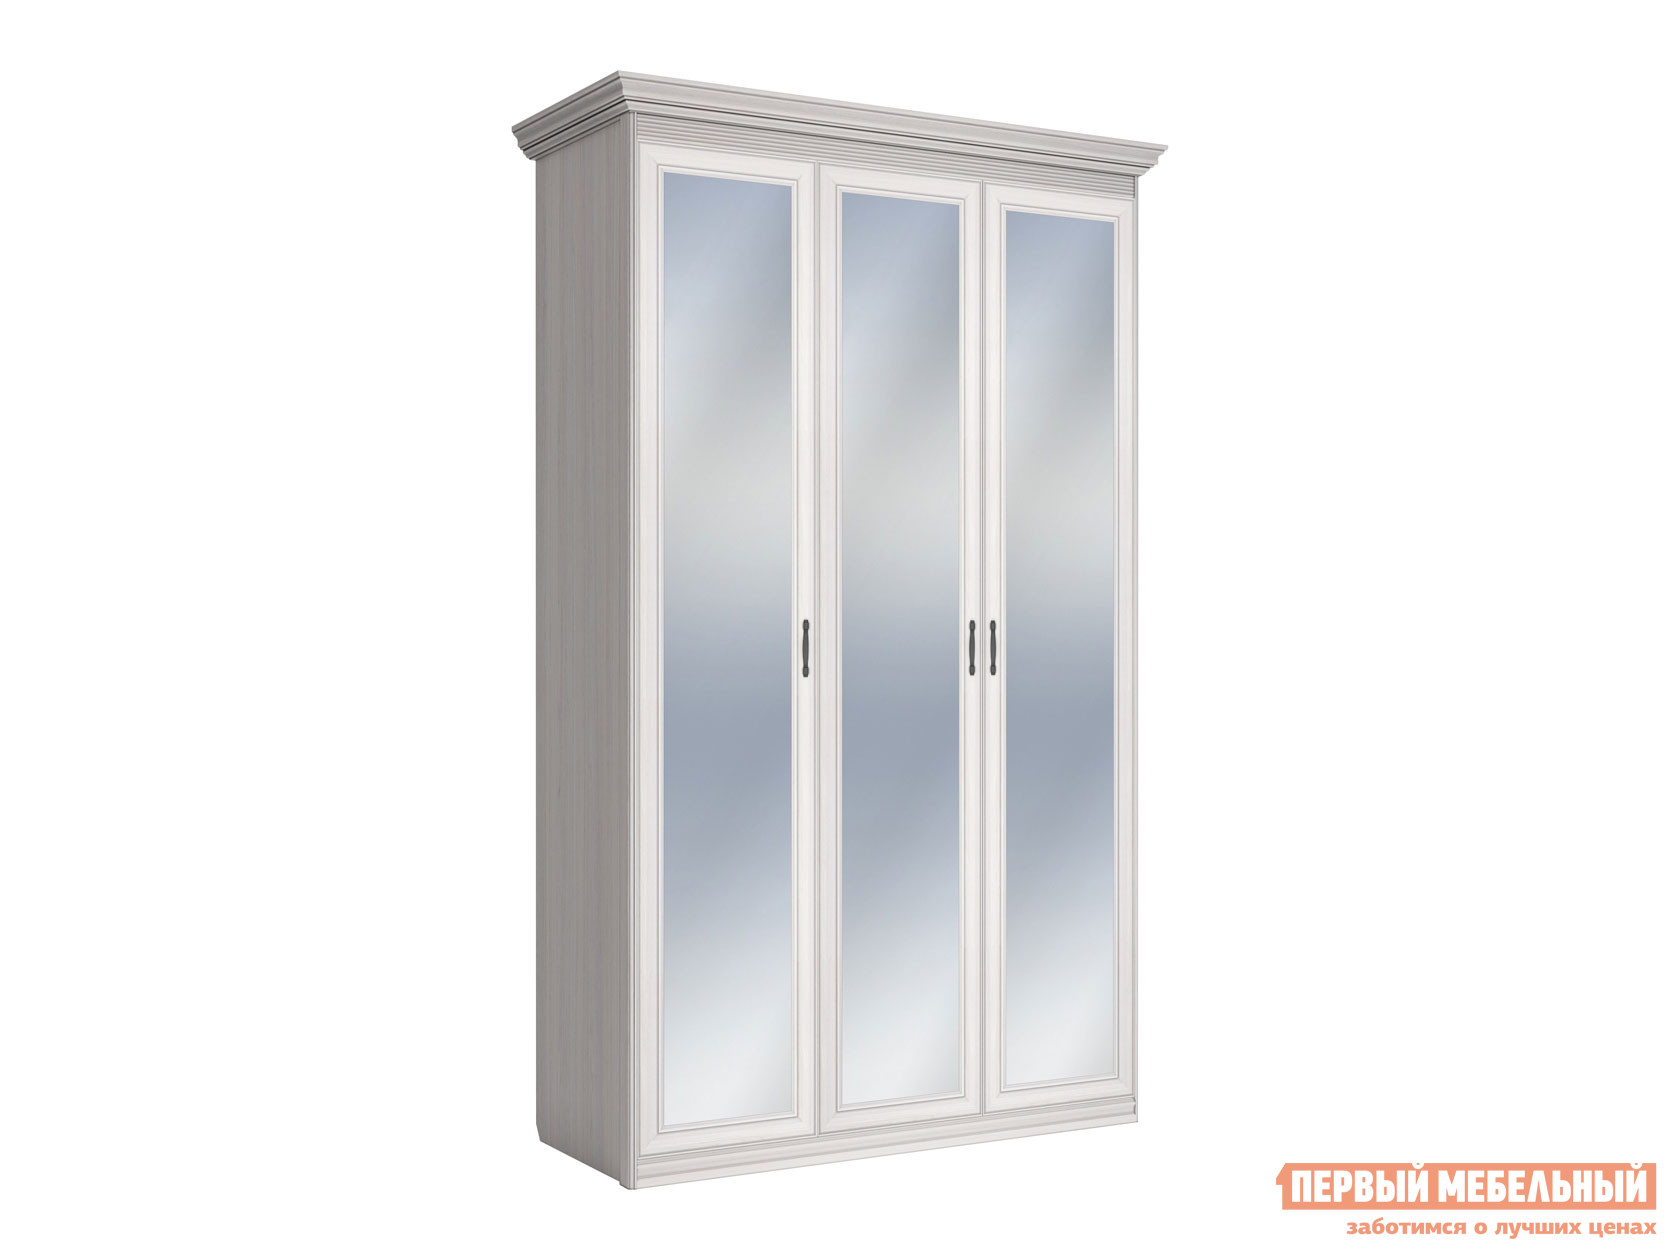 Распашной шкаф  3-х дверный Неаполь Ясень Анкор светлый / Патина серебро, С тремя зеркалами КУРАЖ 114672